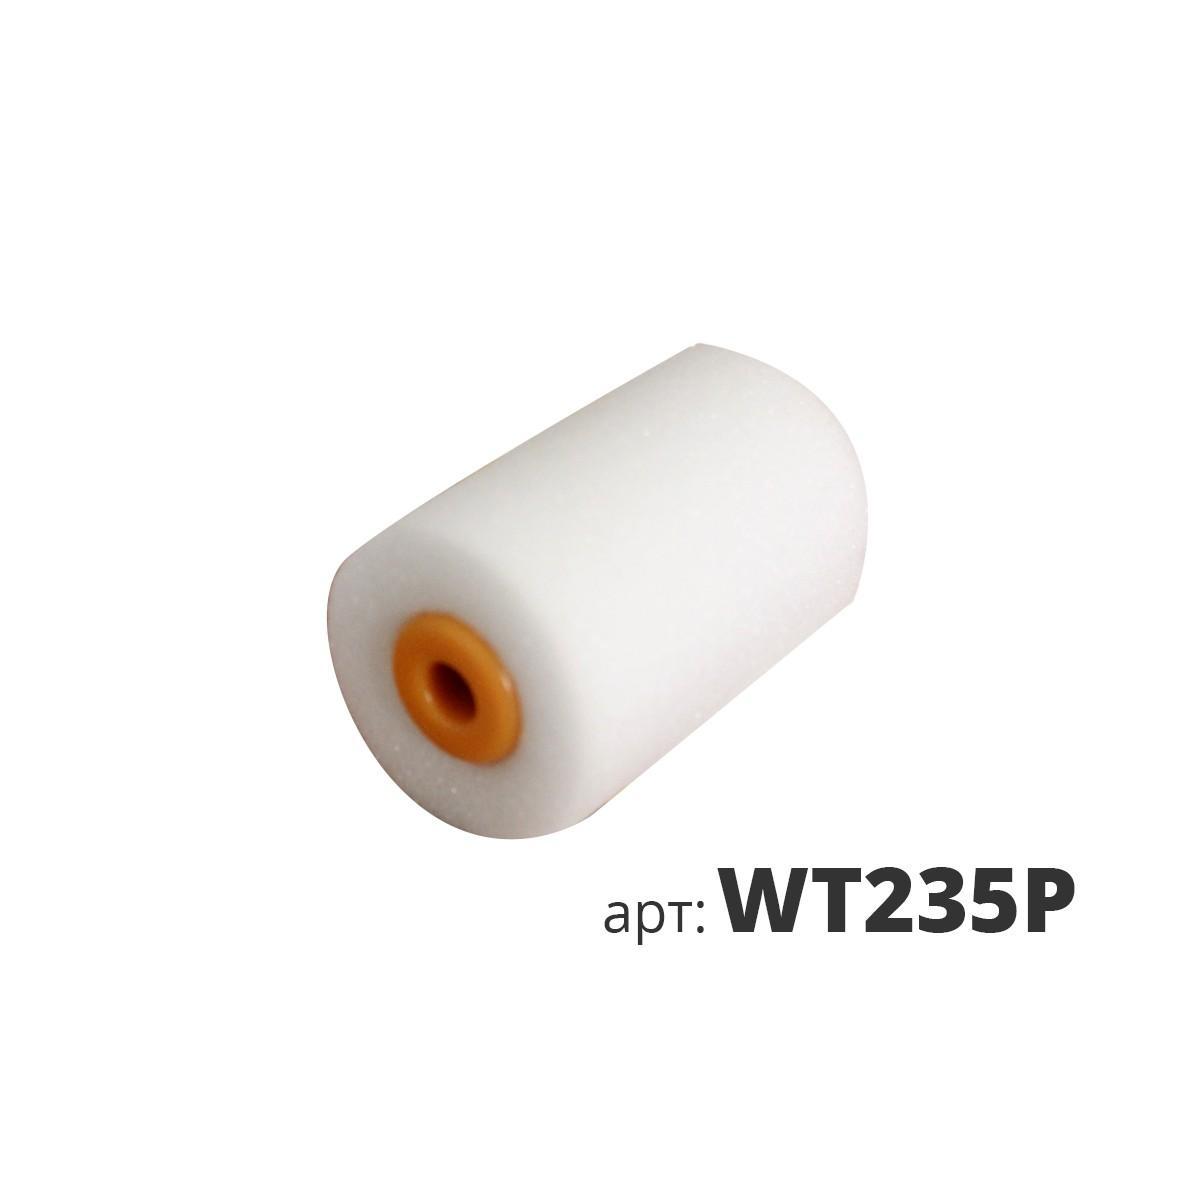 Мини-валик из мелкого поролона WT235P